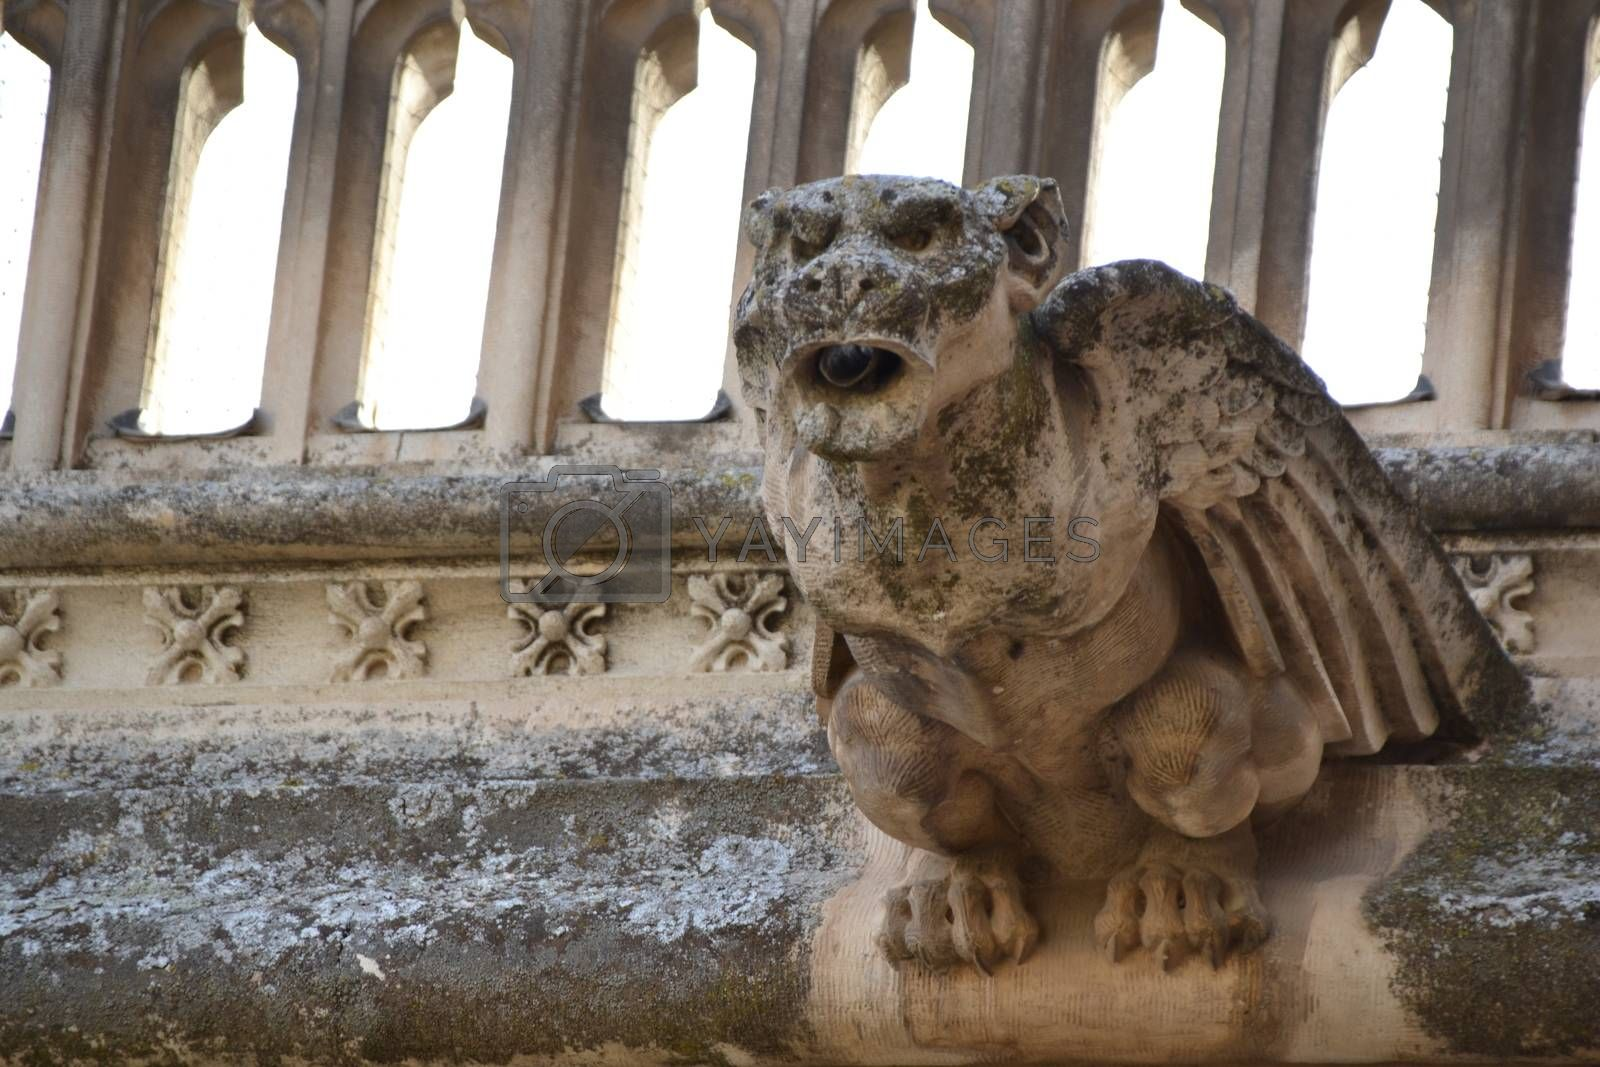 Gargoyle shaped like a monster made of stone